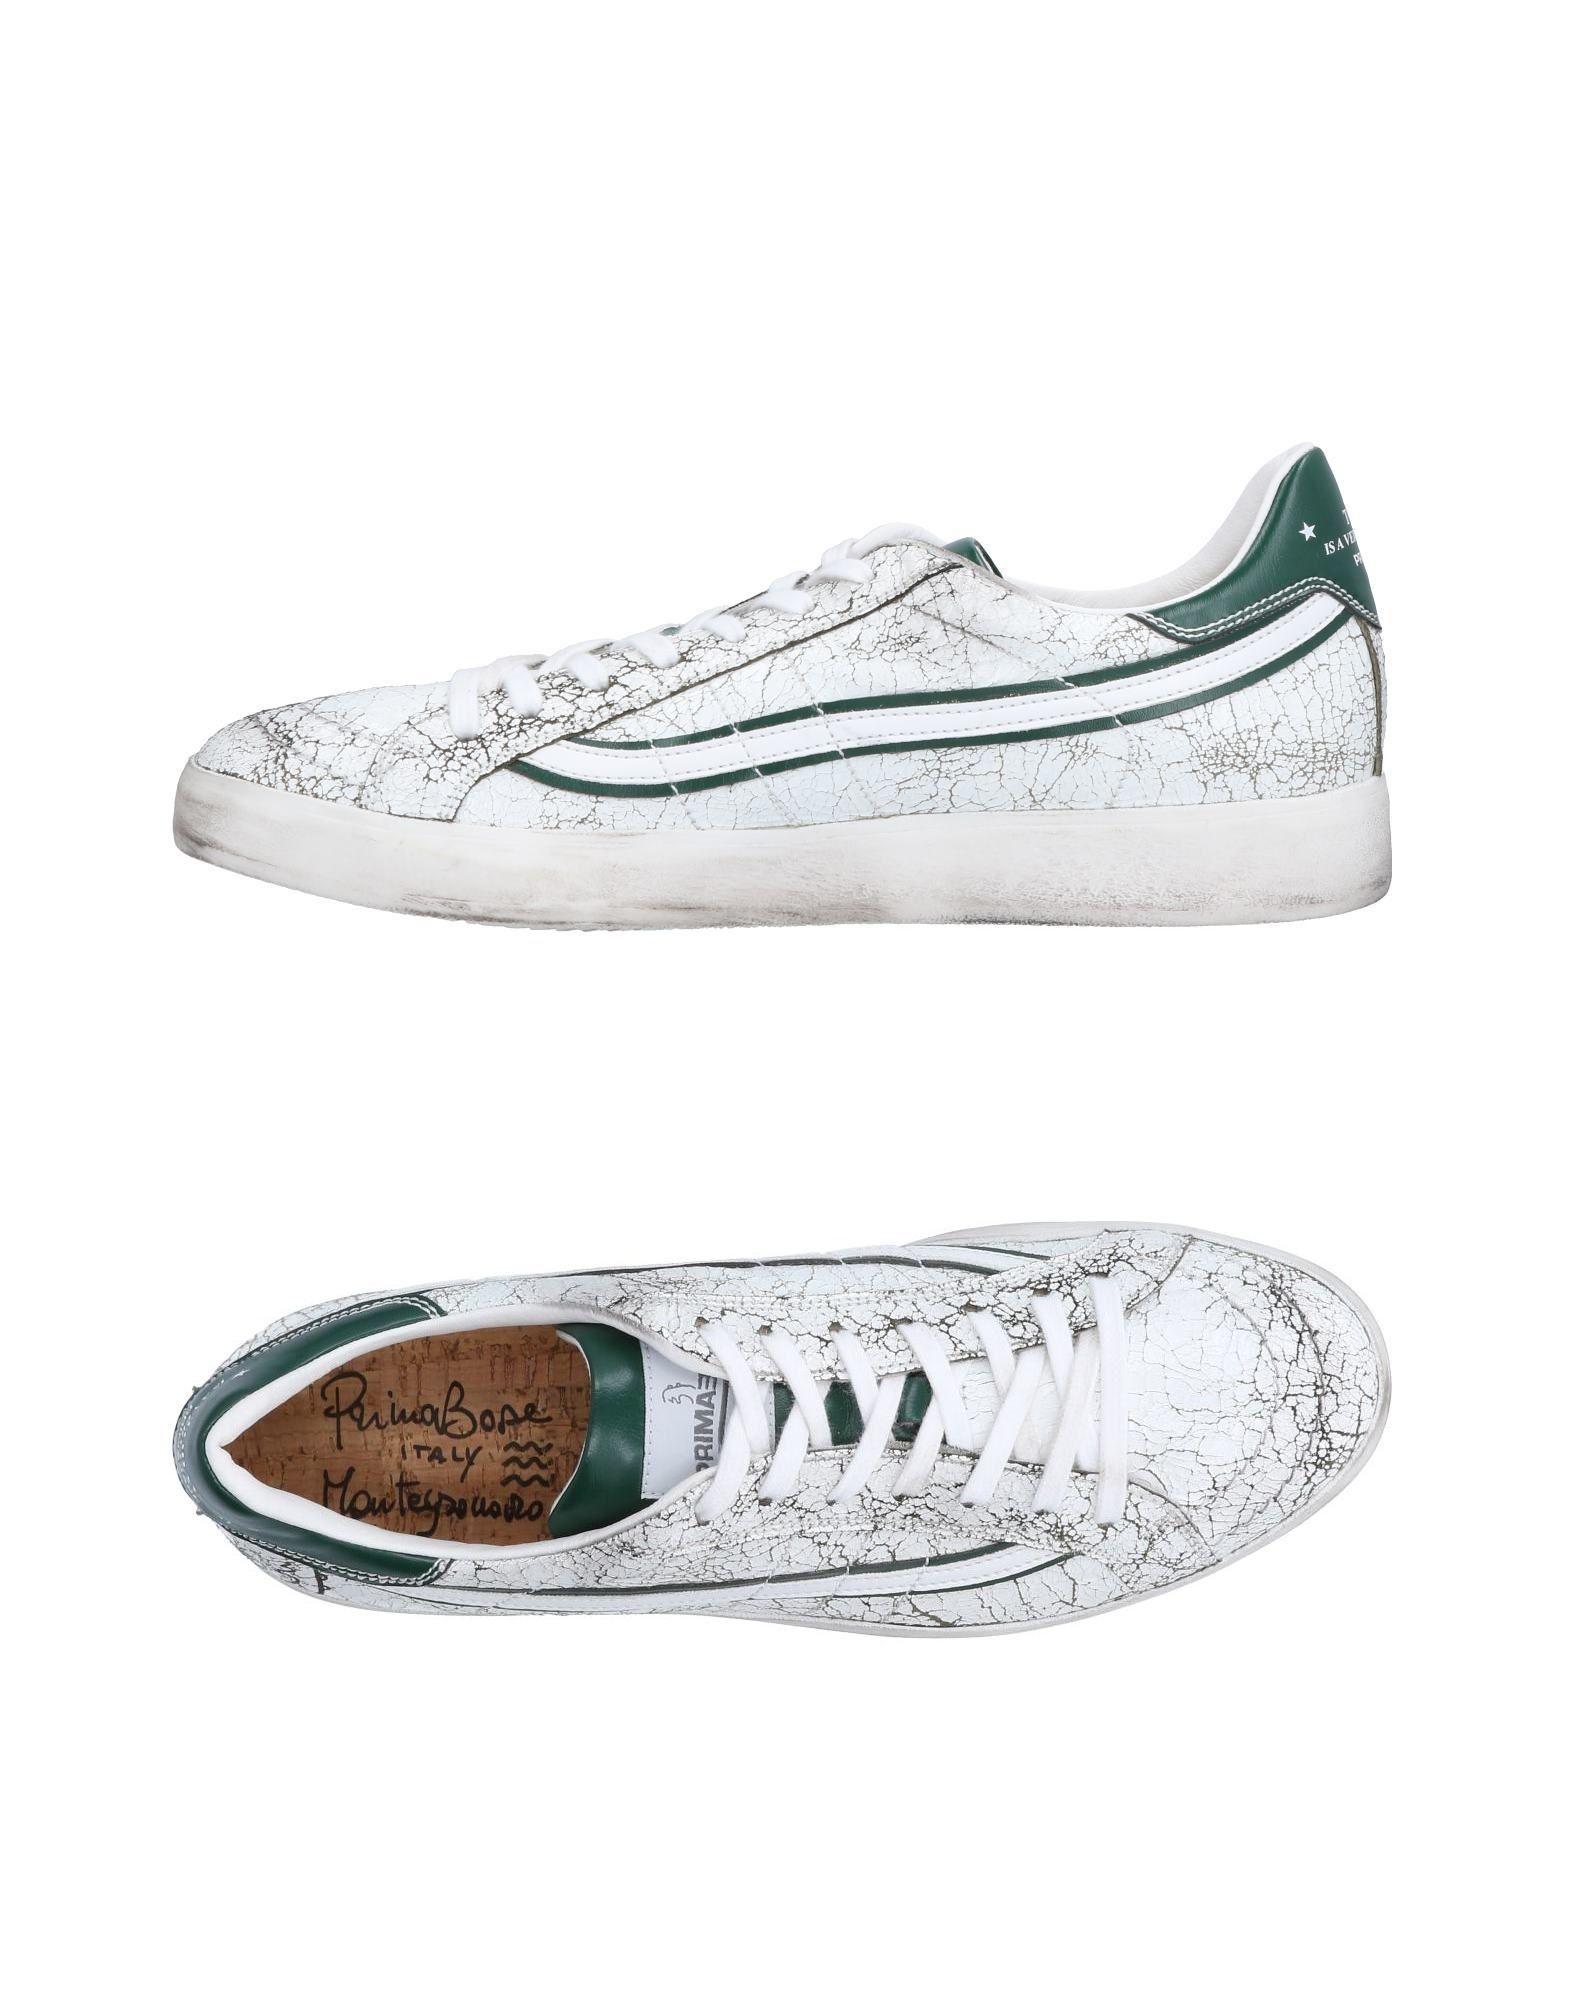 Rabatt echte Schuhe Herren Primabase Sneakers Herren Schuhe  11492164IU bf0aa8